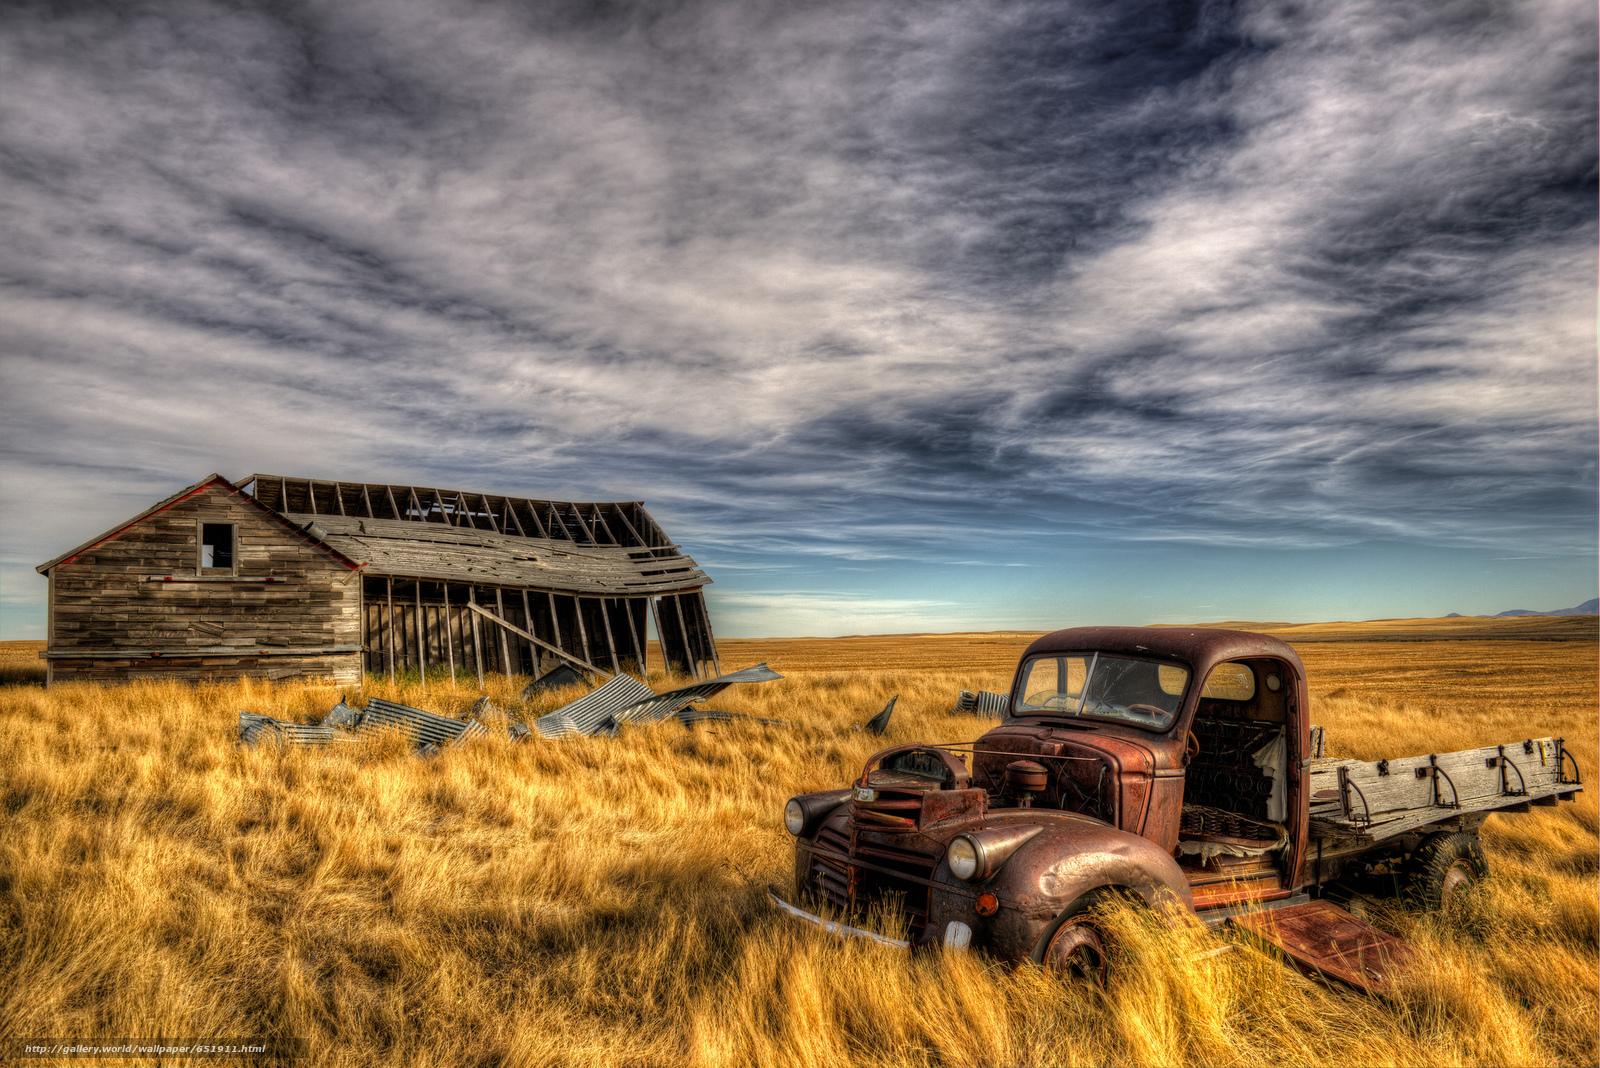 Скачать обои поле,  руины,  дом,  заброшенный автомобиль бесплатно для рабочего стола в разрешении 2048x1367 — картинка №651911